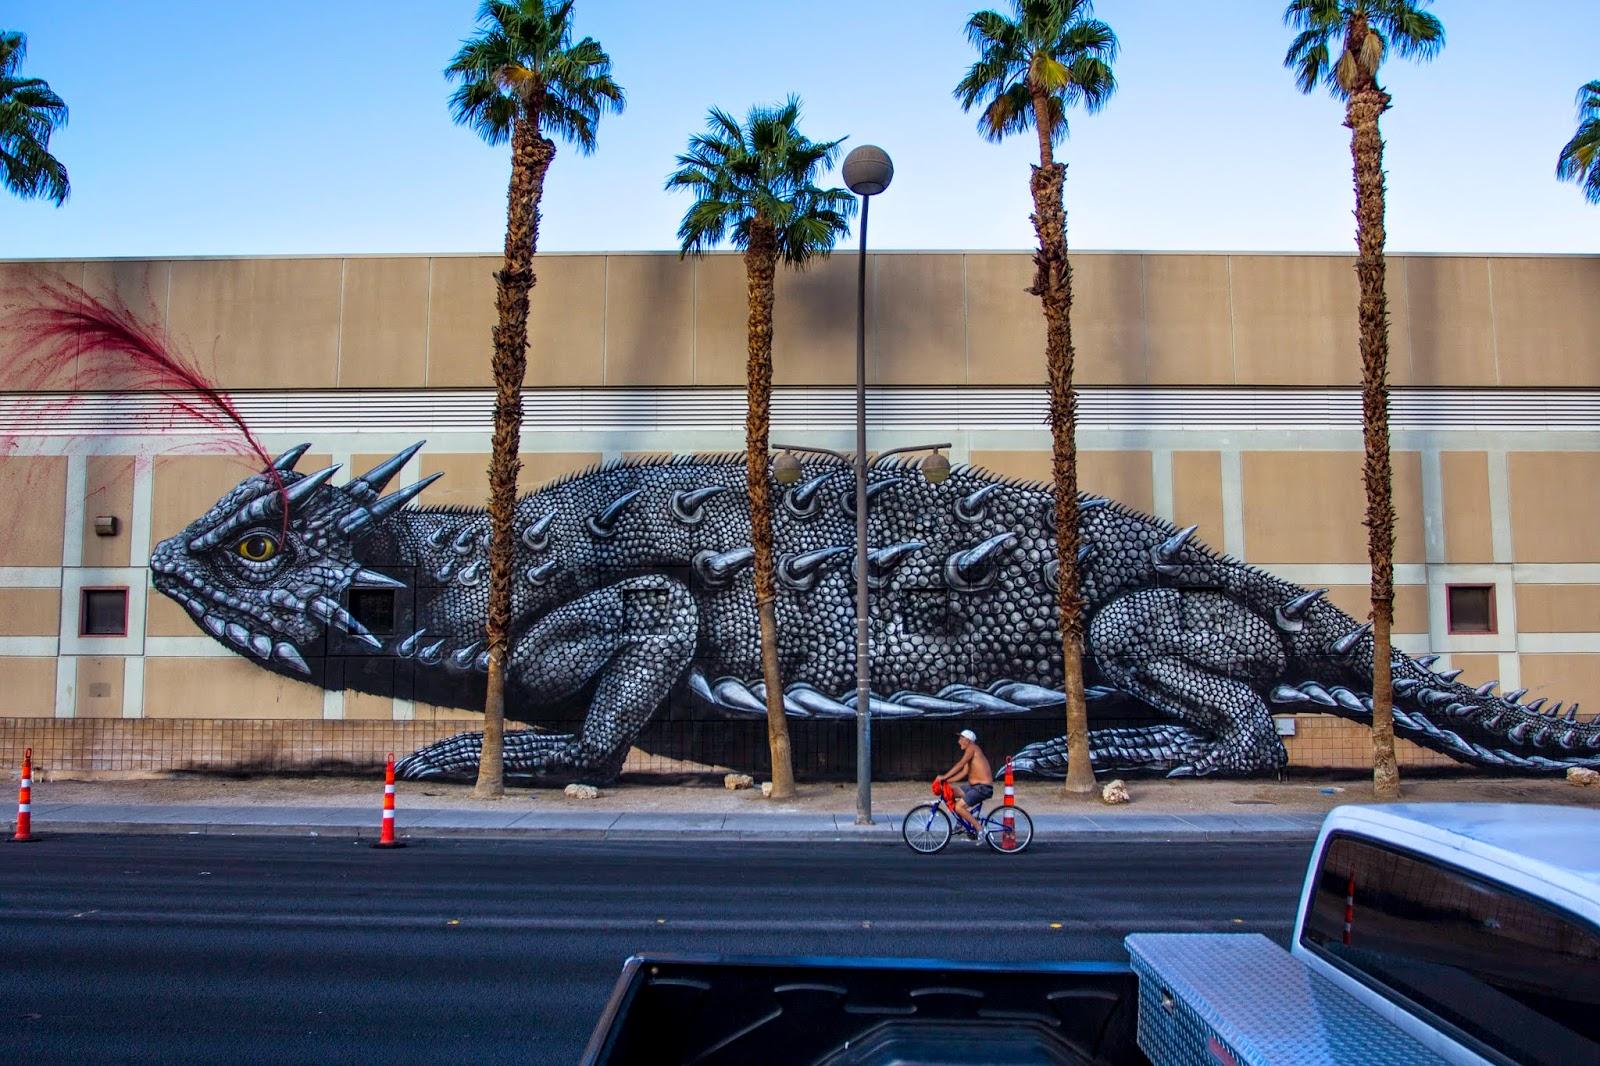 roa-new-mural-in-las-vegas-00